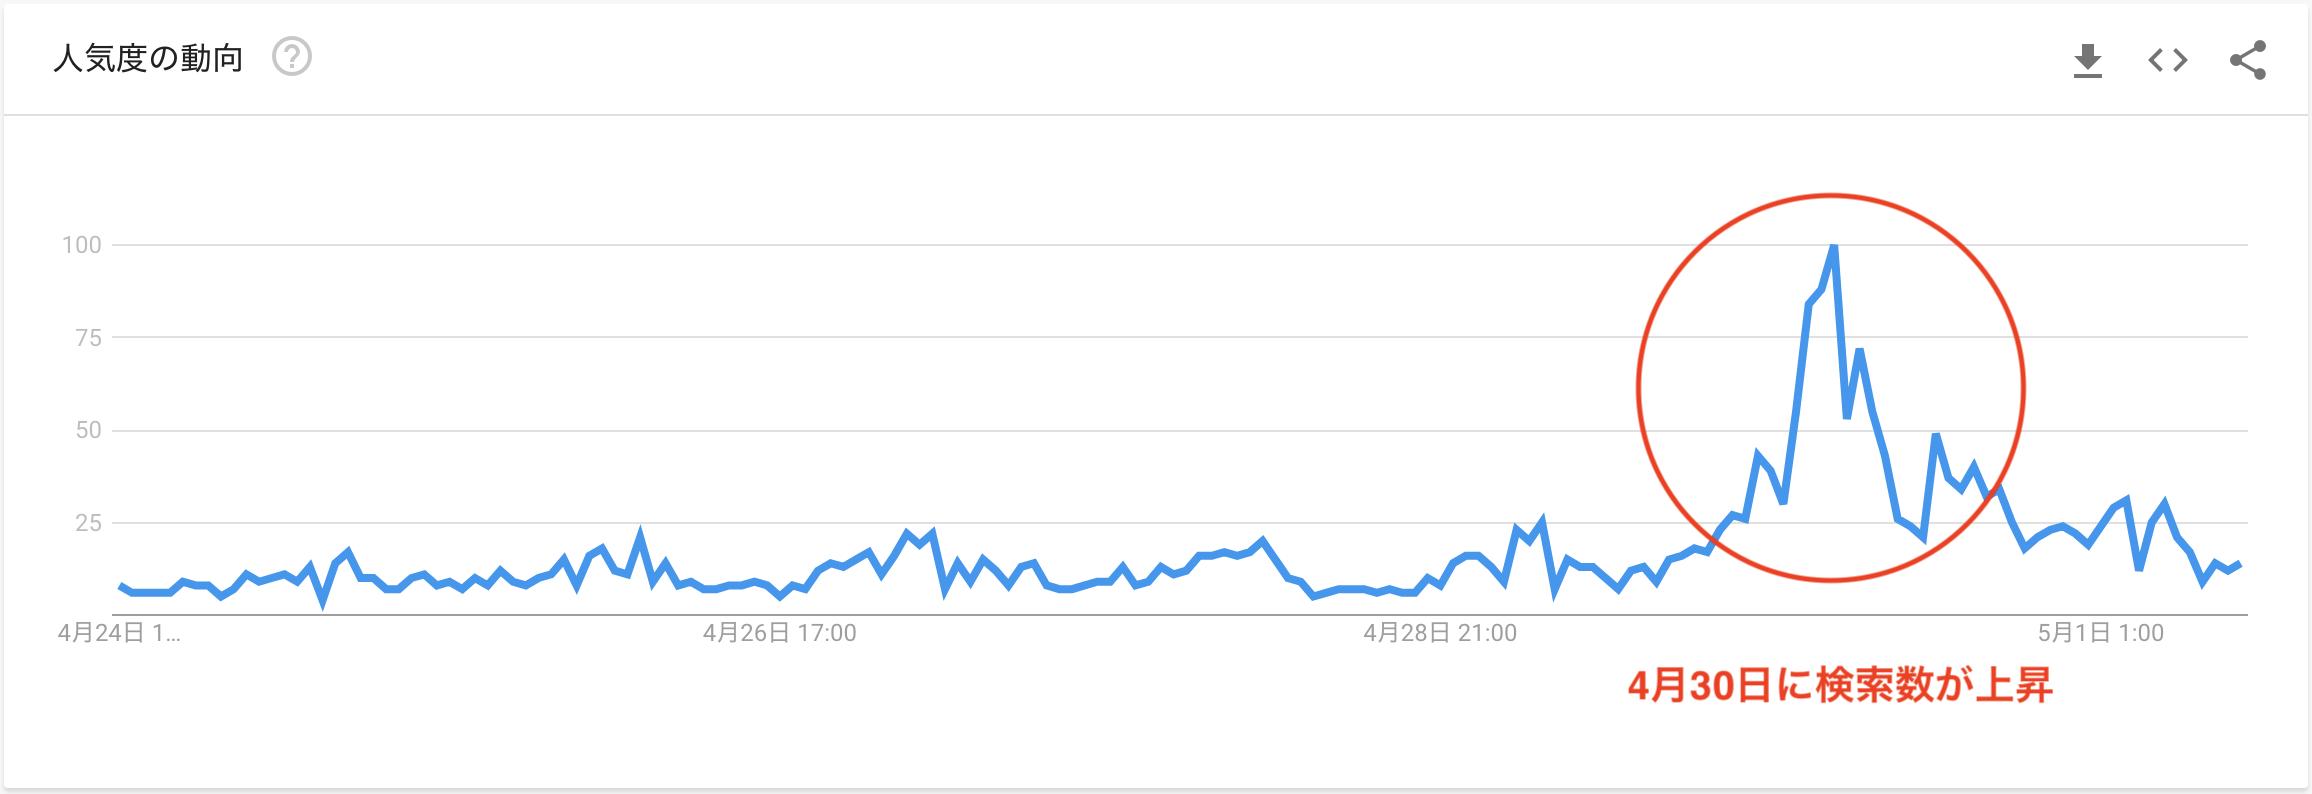 ビットコイン(BTC)半減期の日本の検索数